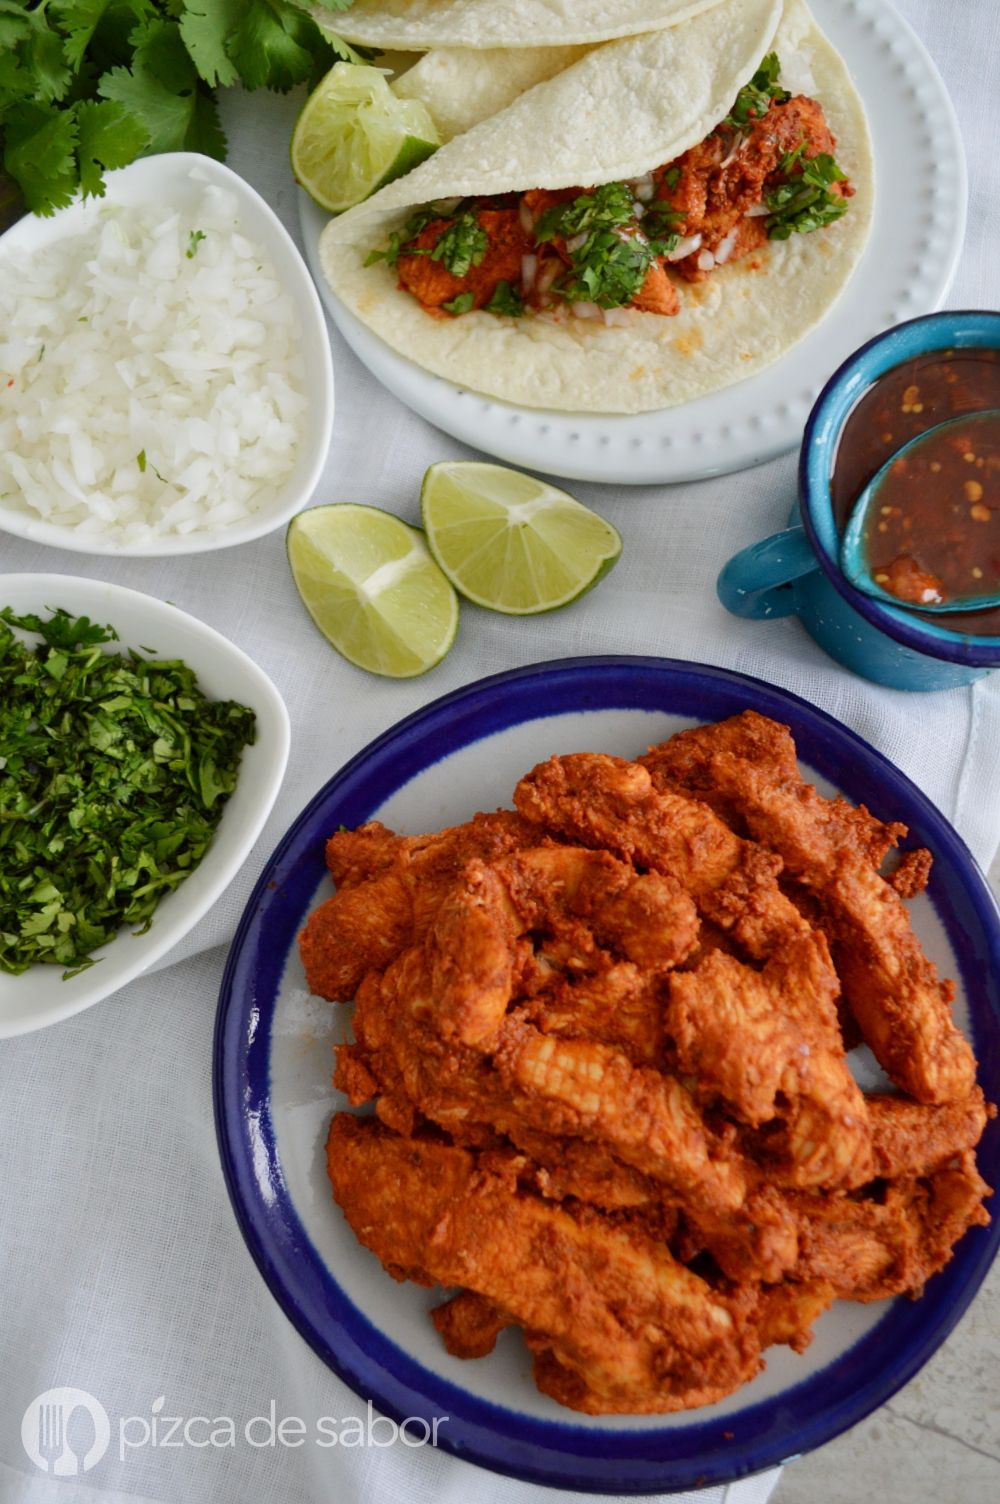 Cómo Hacer Pollo Al Pastor Pollo Adobado Al Pastor Receta Pollo Adobado Recetas Mexicanas Pollo